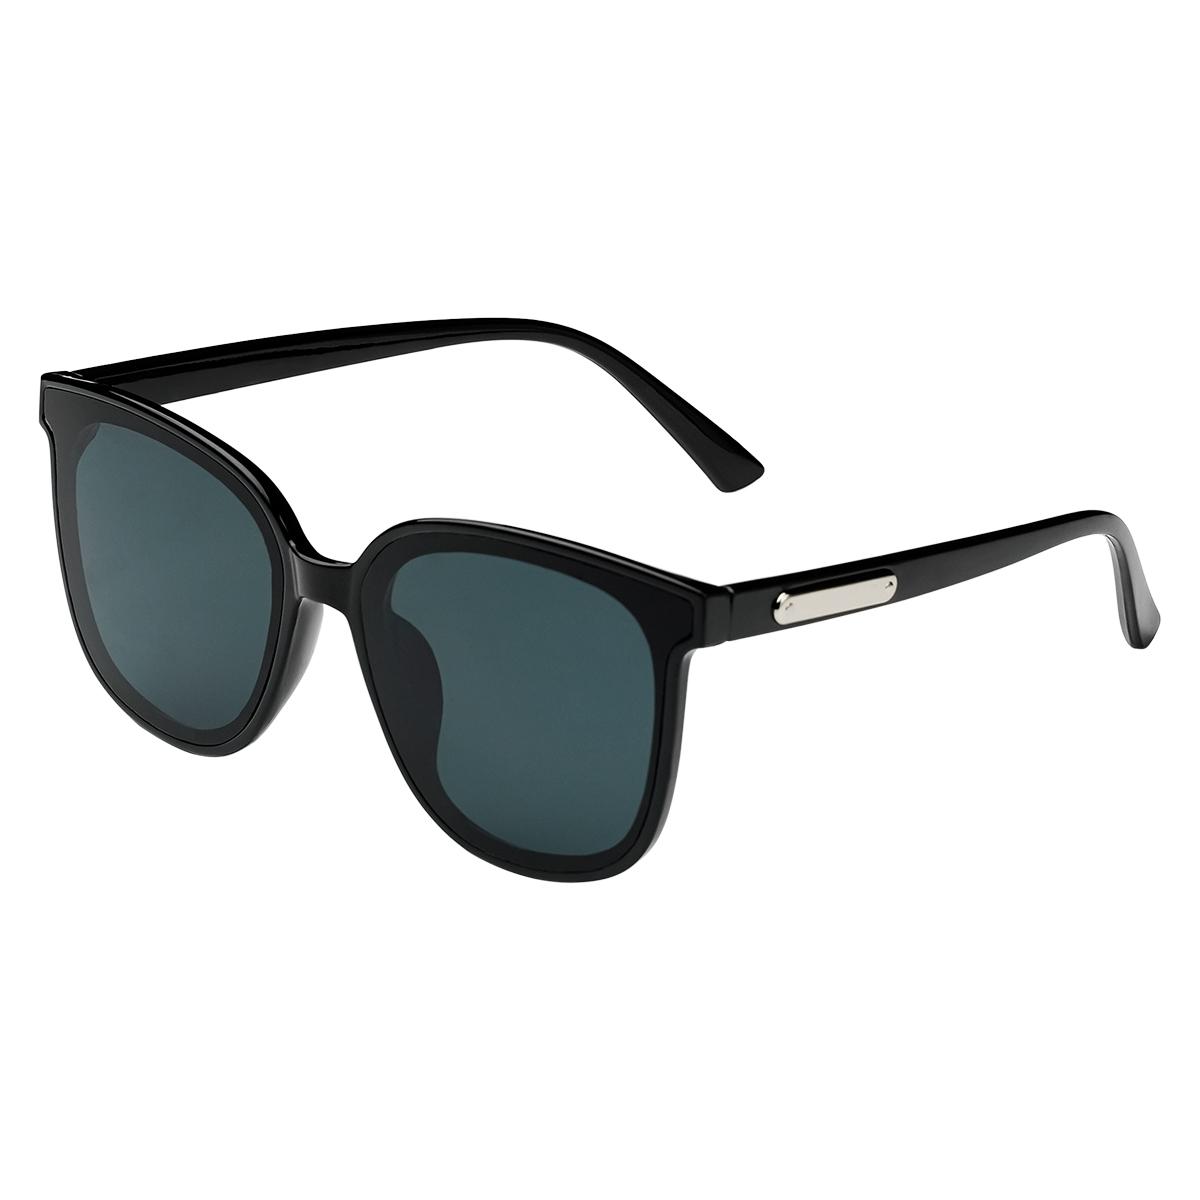 Zonnebril Smooth Love zwart zwarte dames zonnebrillen zilveren detail zijkanten trendy festival brillen musthaves kopen bestellen yehwang